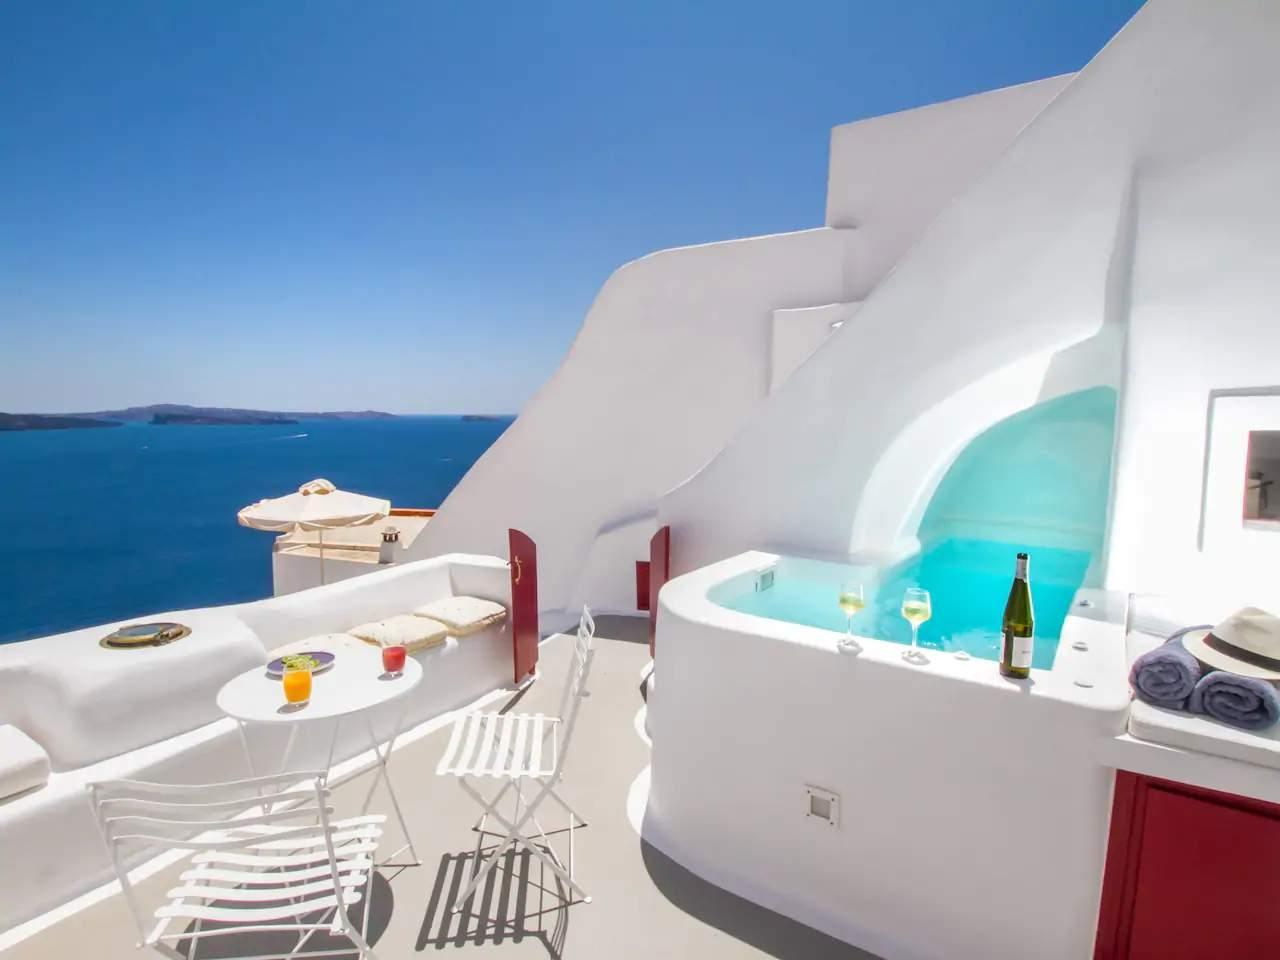 luxusní ubytování na Santorini v Řecku